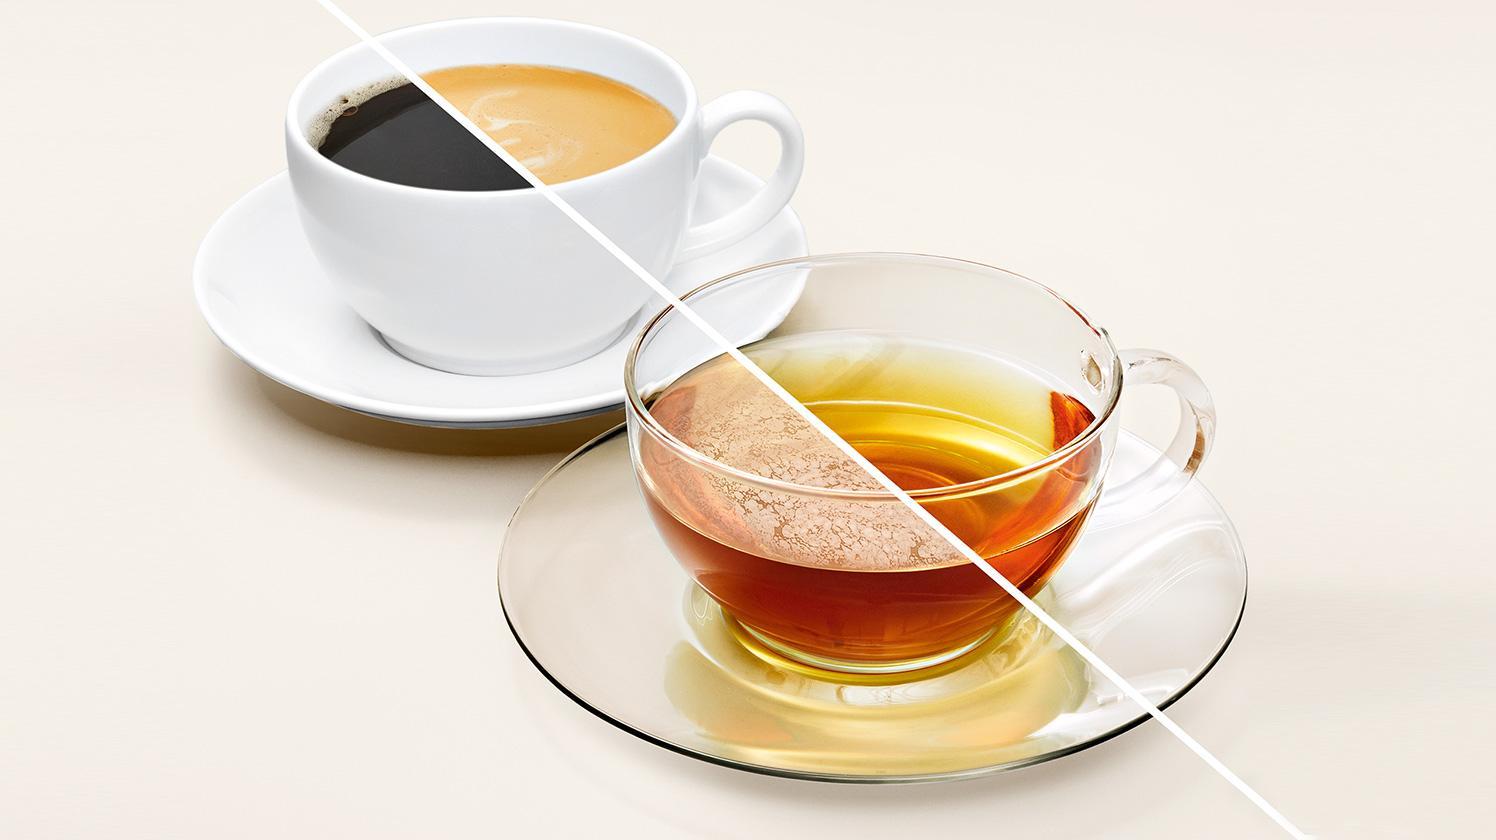 BRITAフィルターとカートリッジMAXTRA+ コーヒーを味わう